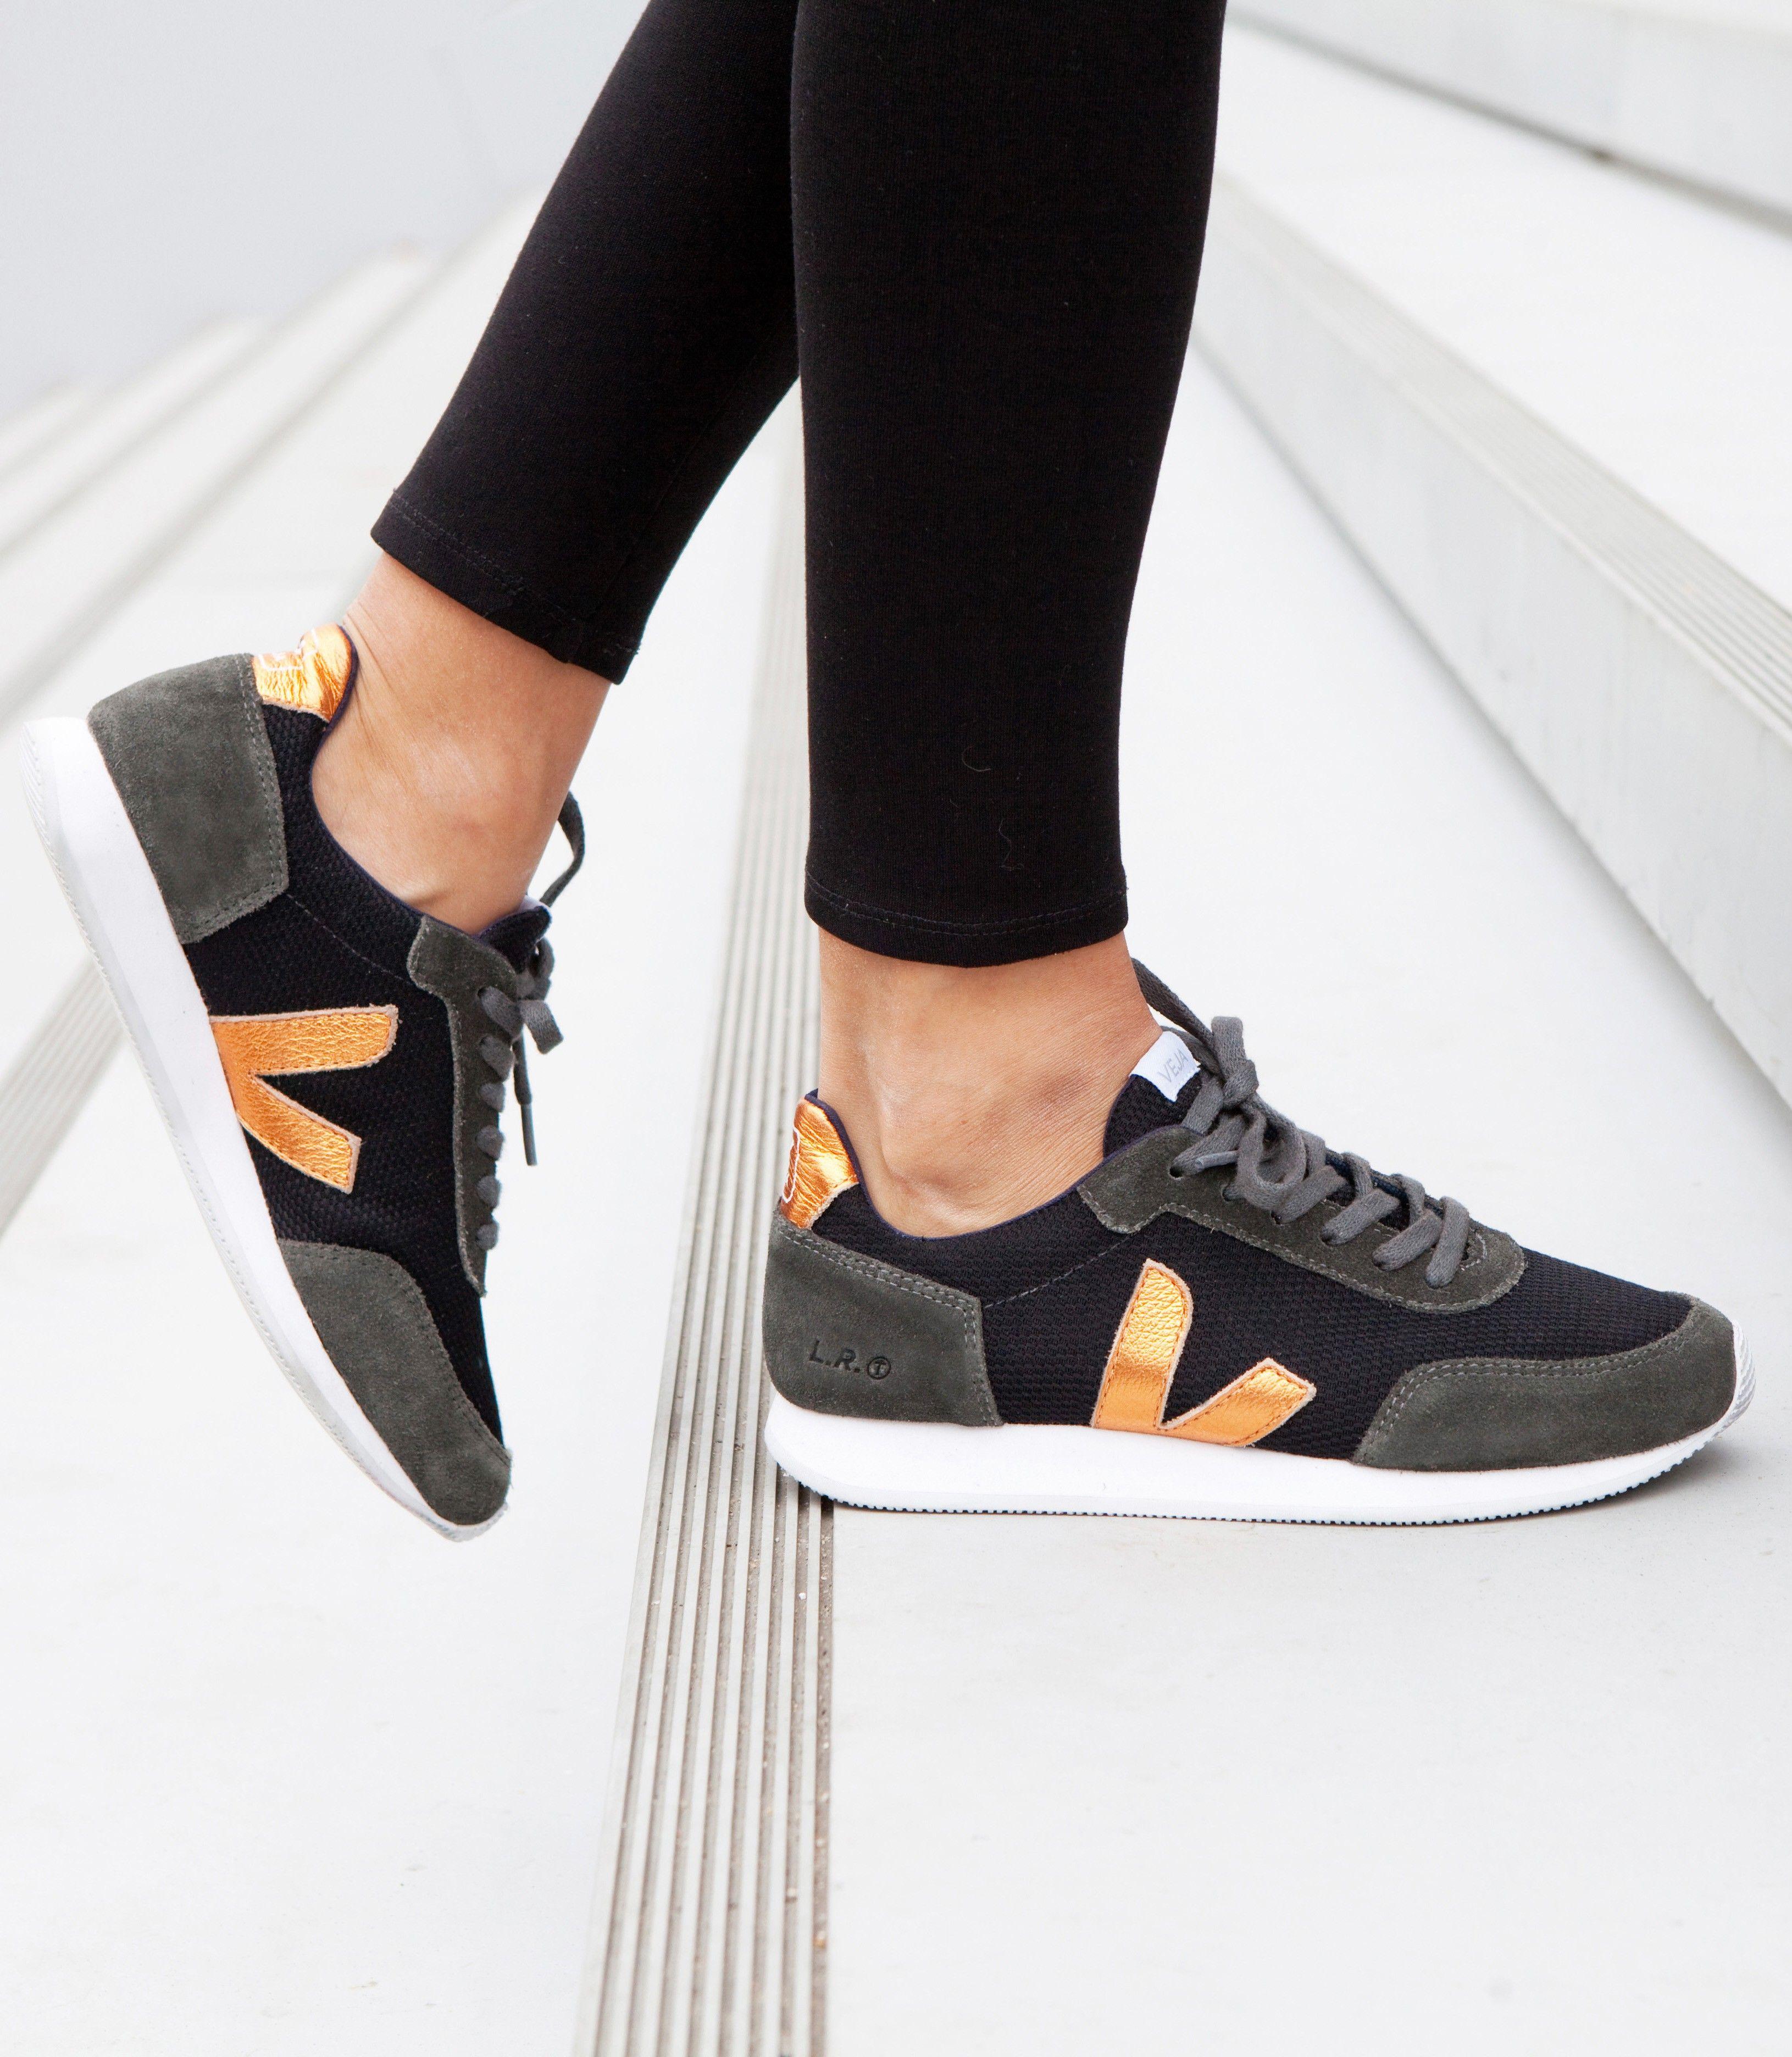 basket veja arcade en toile de coton biologique shoes pinterest basket veja toile de. Black Bedroom Furniture Sets. Home Design Ideas